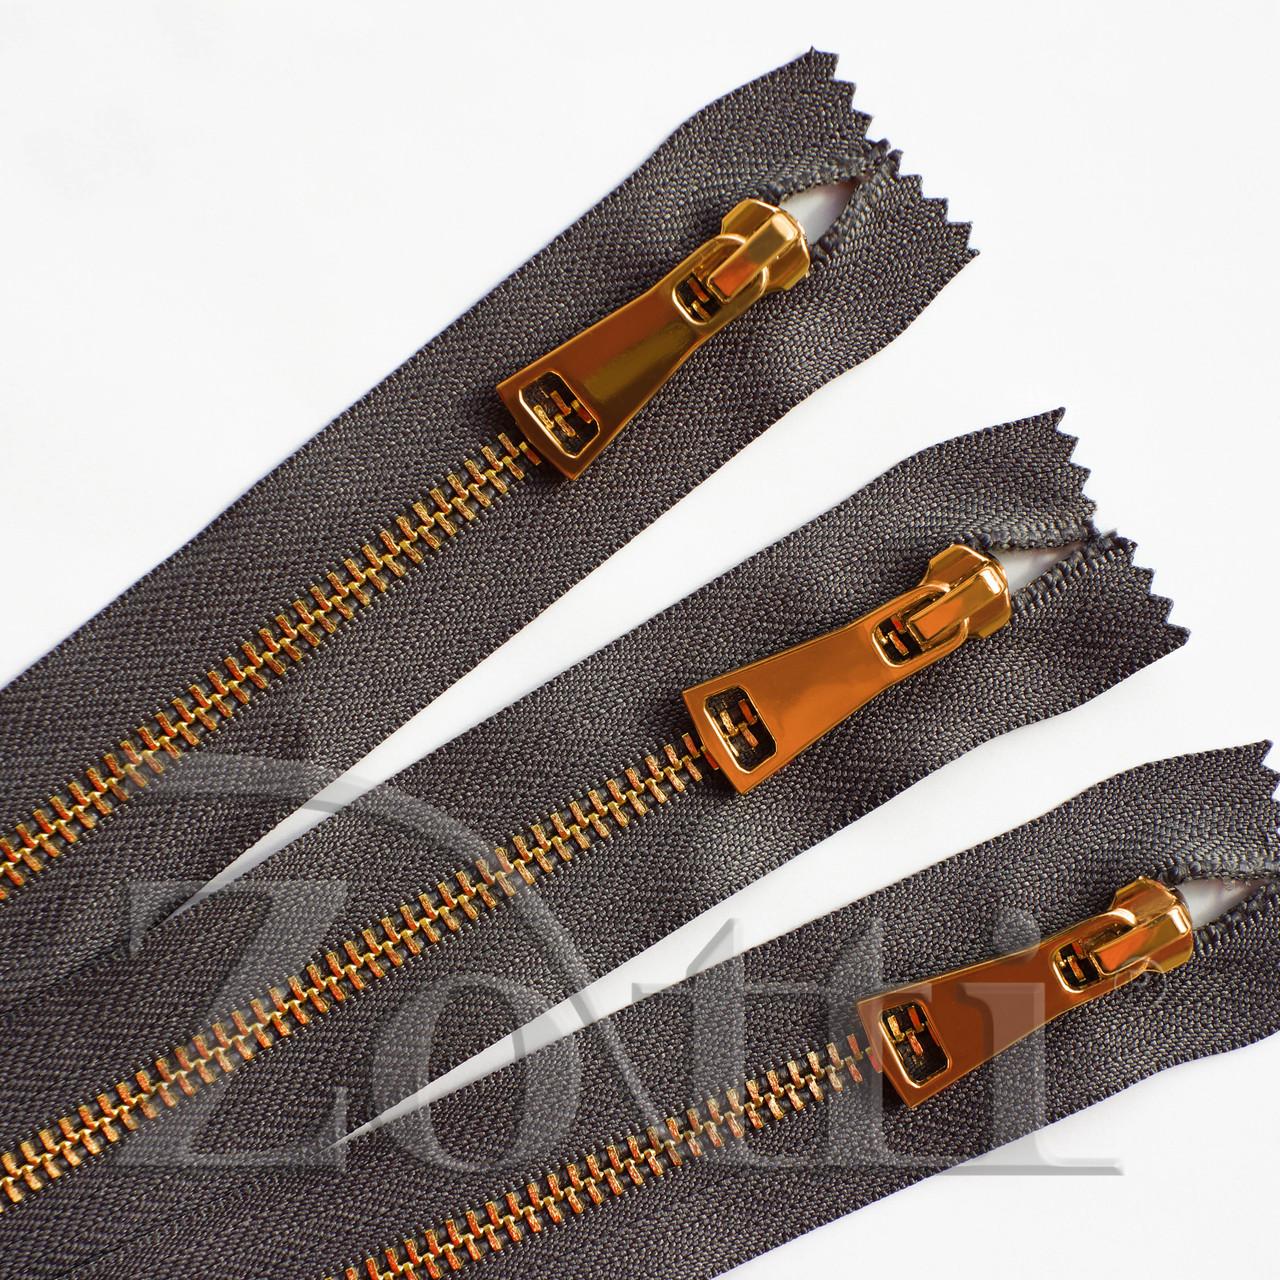 Молния (змейка,застежка) металлическая №5, размерная, обувная, серая, с золотым бегунком № 115 - 20 см